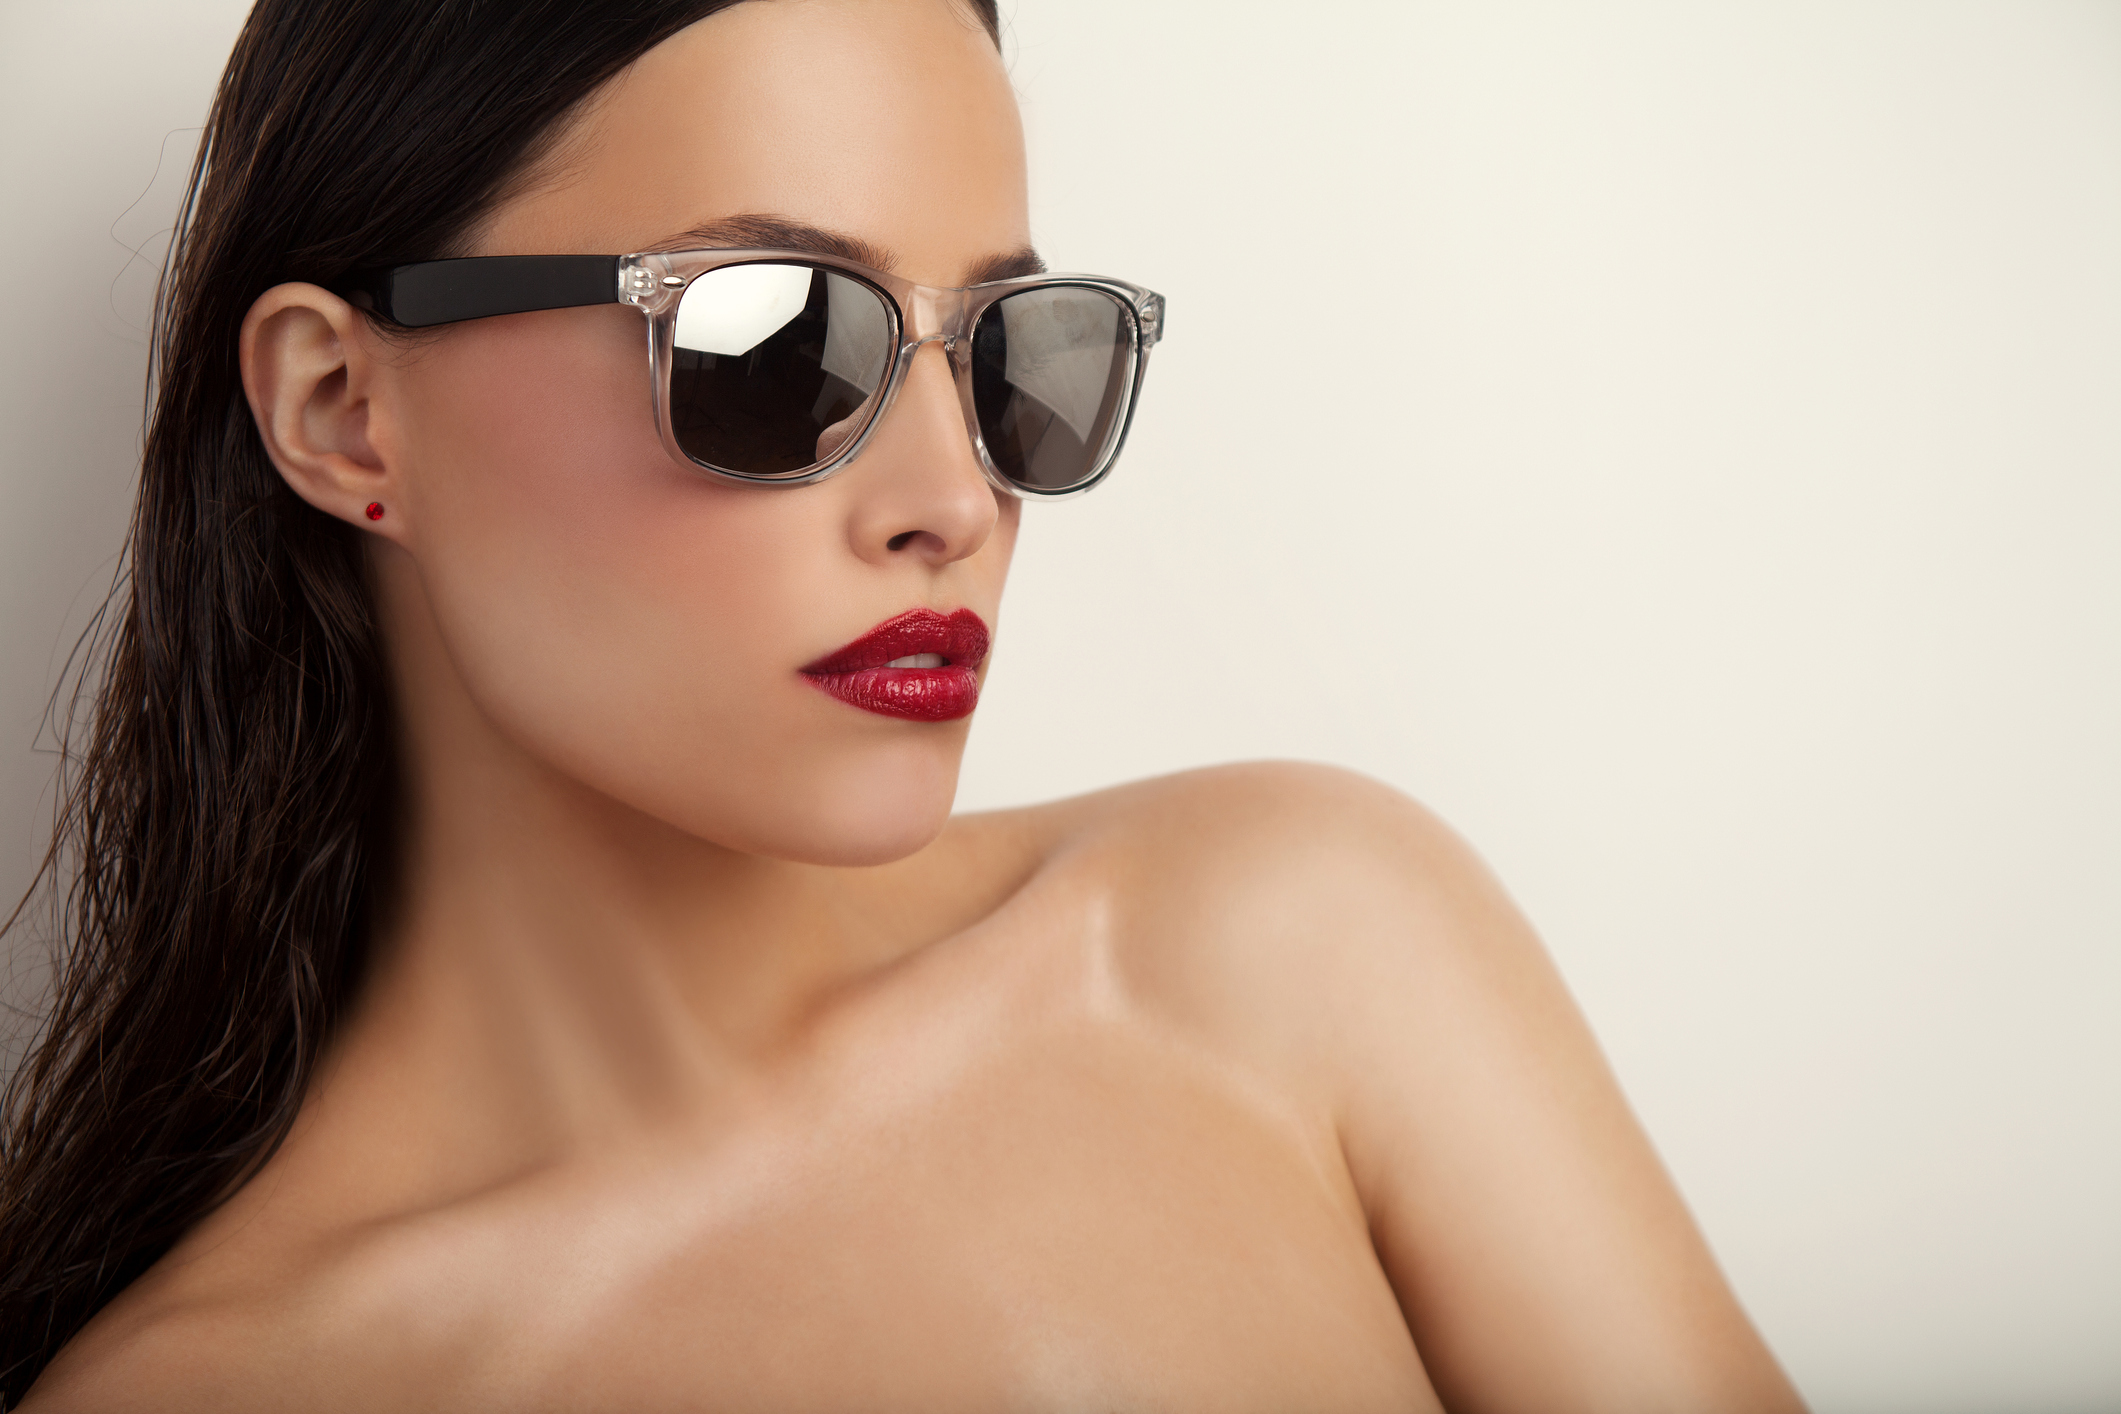 Любимите ни слънчеви очила едва ли ни предпазват качествено от слънчевите лъчи. Трябват ви качествени очила, които да защитават очите ви от слънчевата светлина.